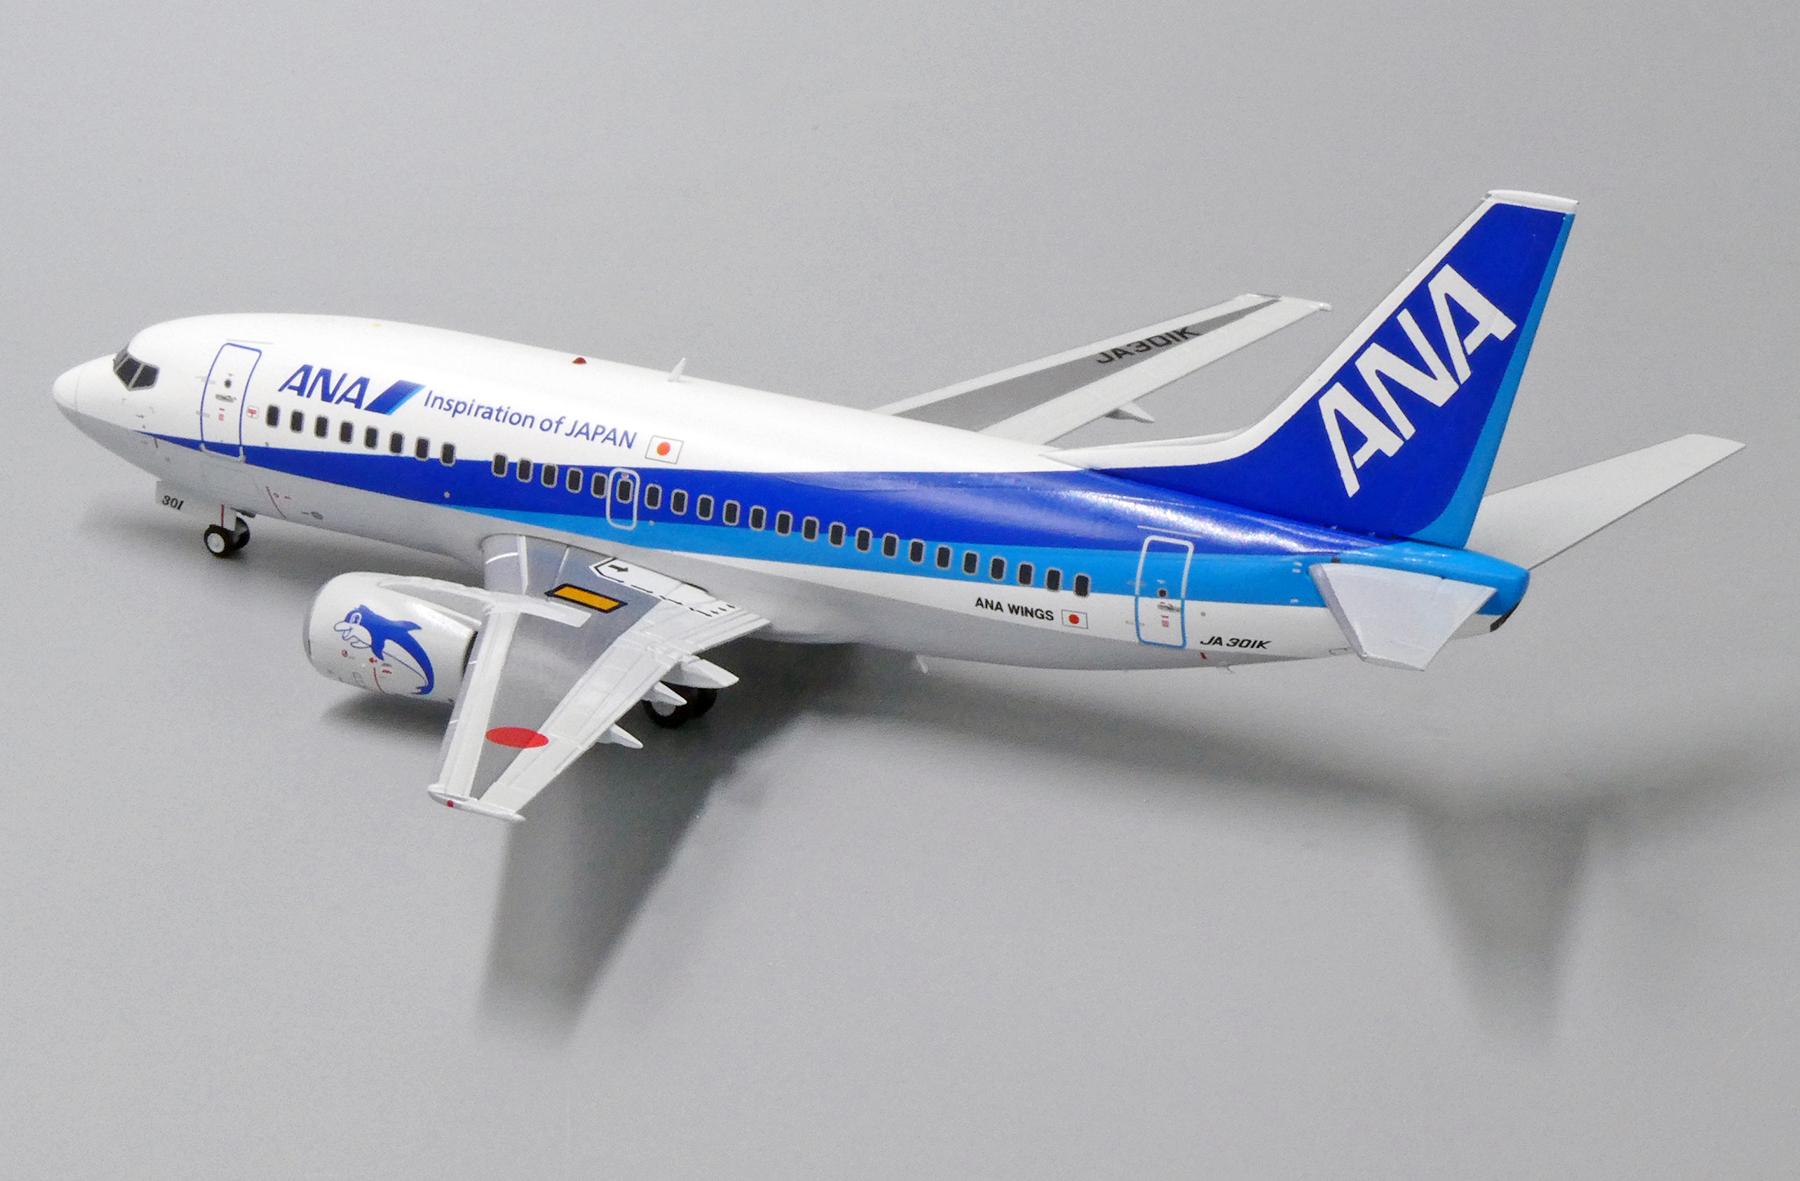 Scalemodelstore Com Jc Wings 1 200 Ew2735001 Ana Wings Boeing 737 500